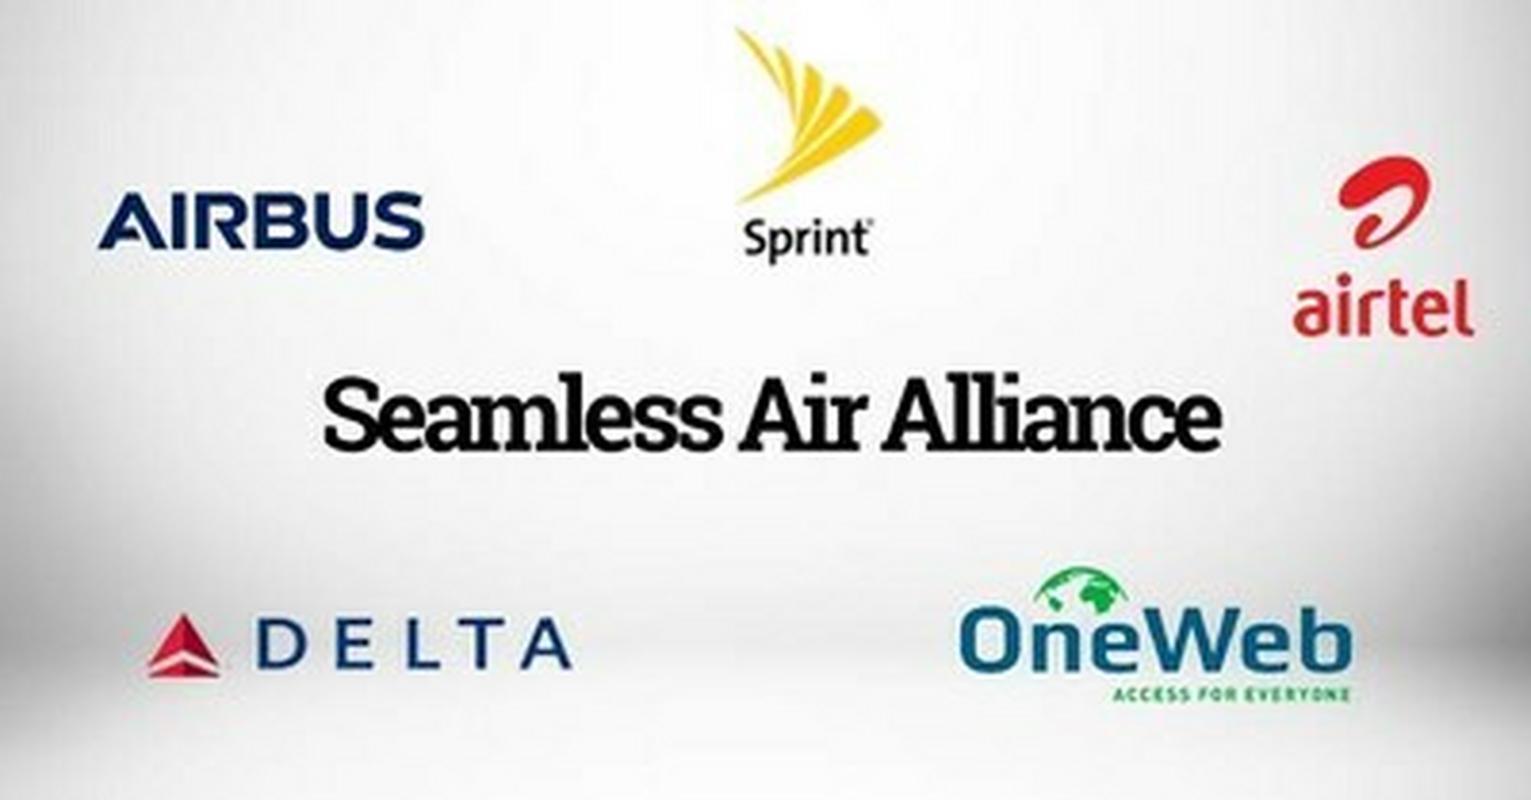 Firmy, które tworzą Seamless Air Alliance